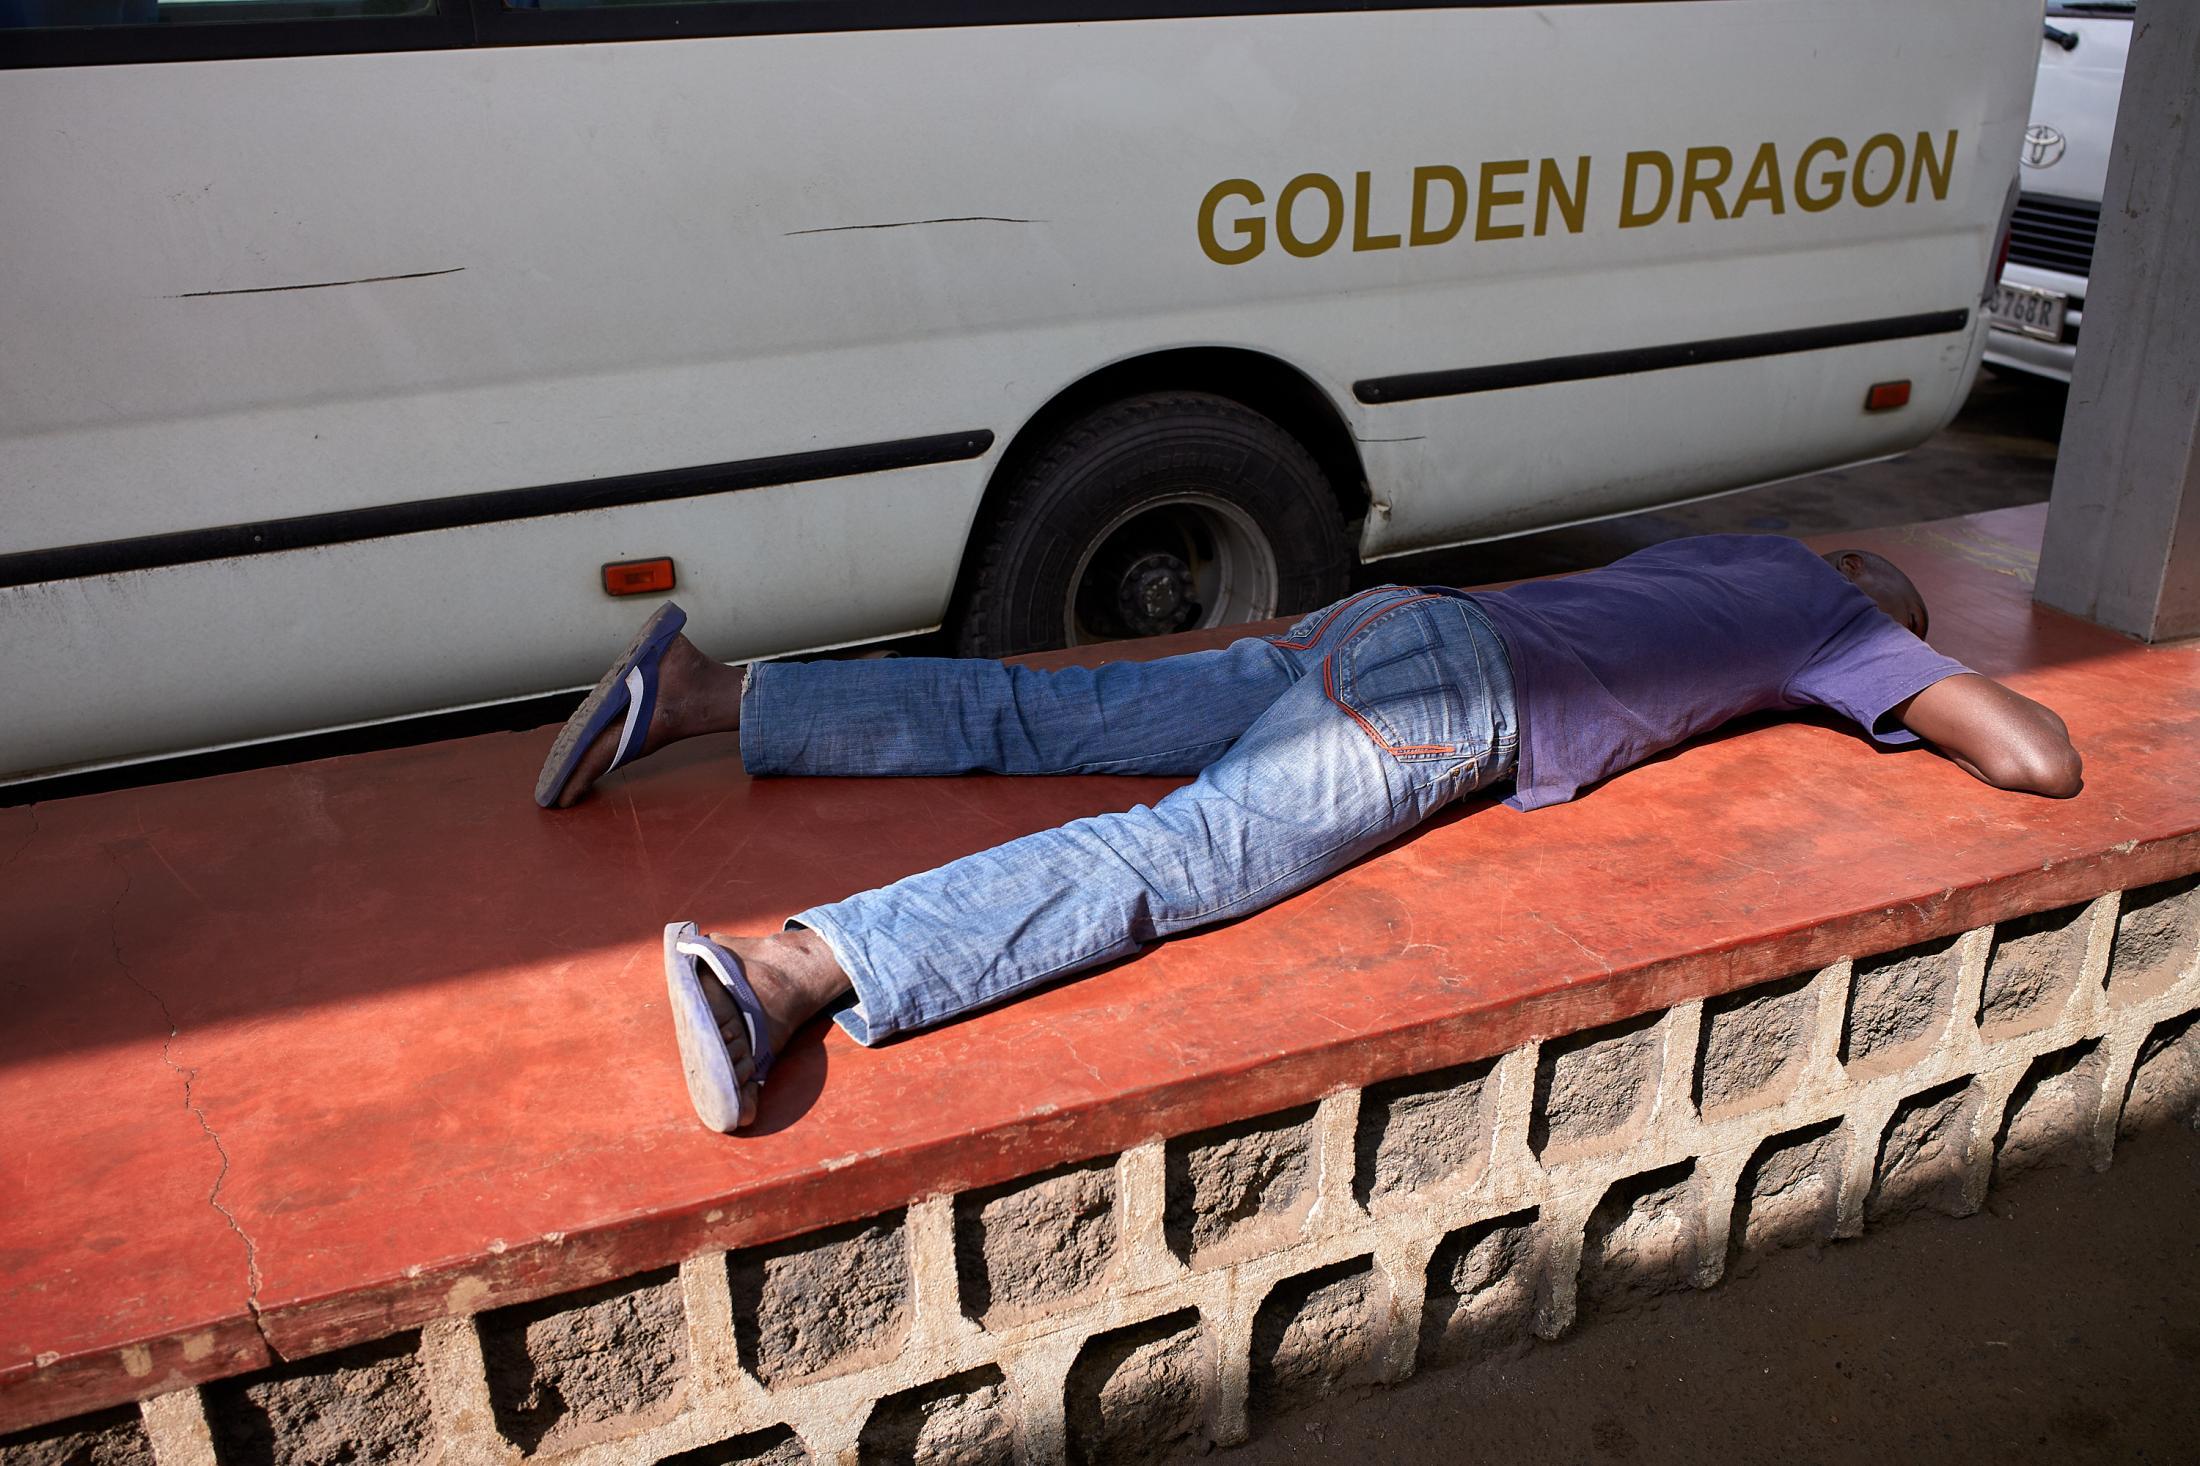 golden dragon, gisenyi, rwanda.